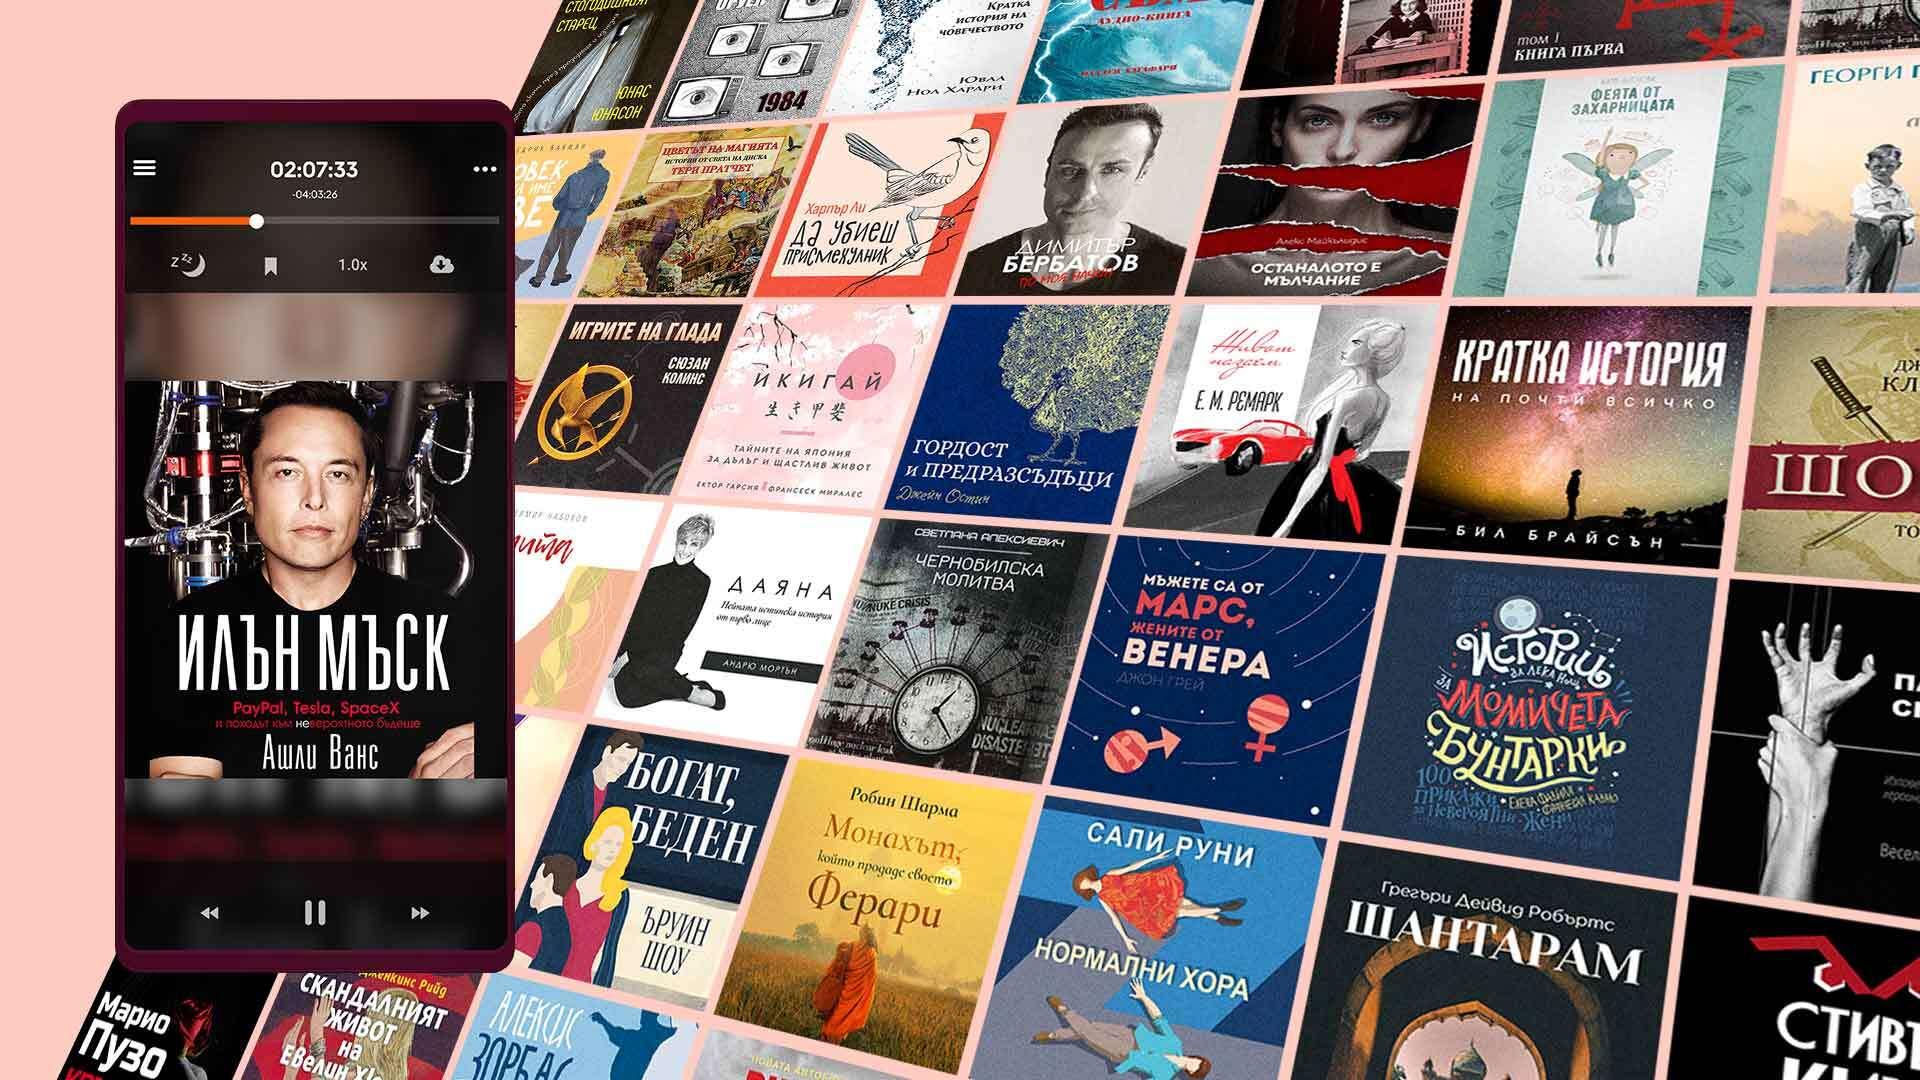 Над 200 000 аудиокниги и електронни книги на български и английски език в каталога на Storytel.